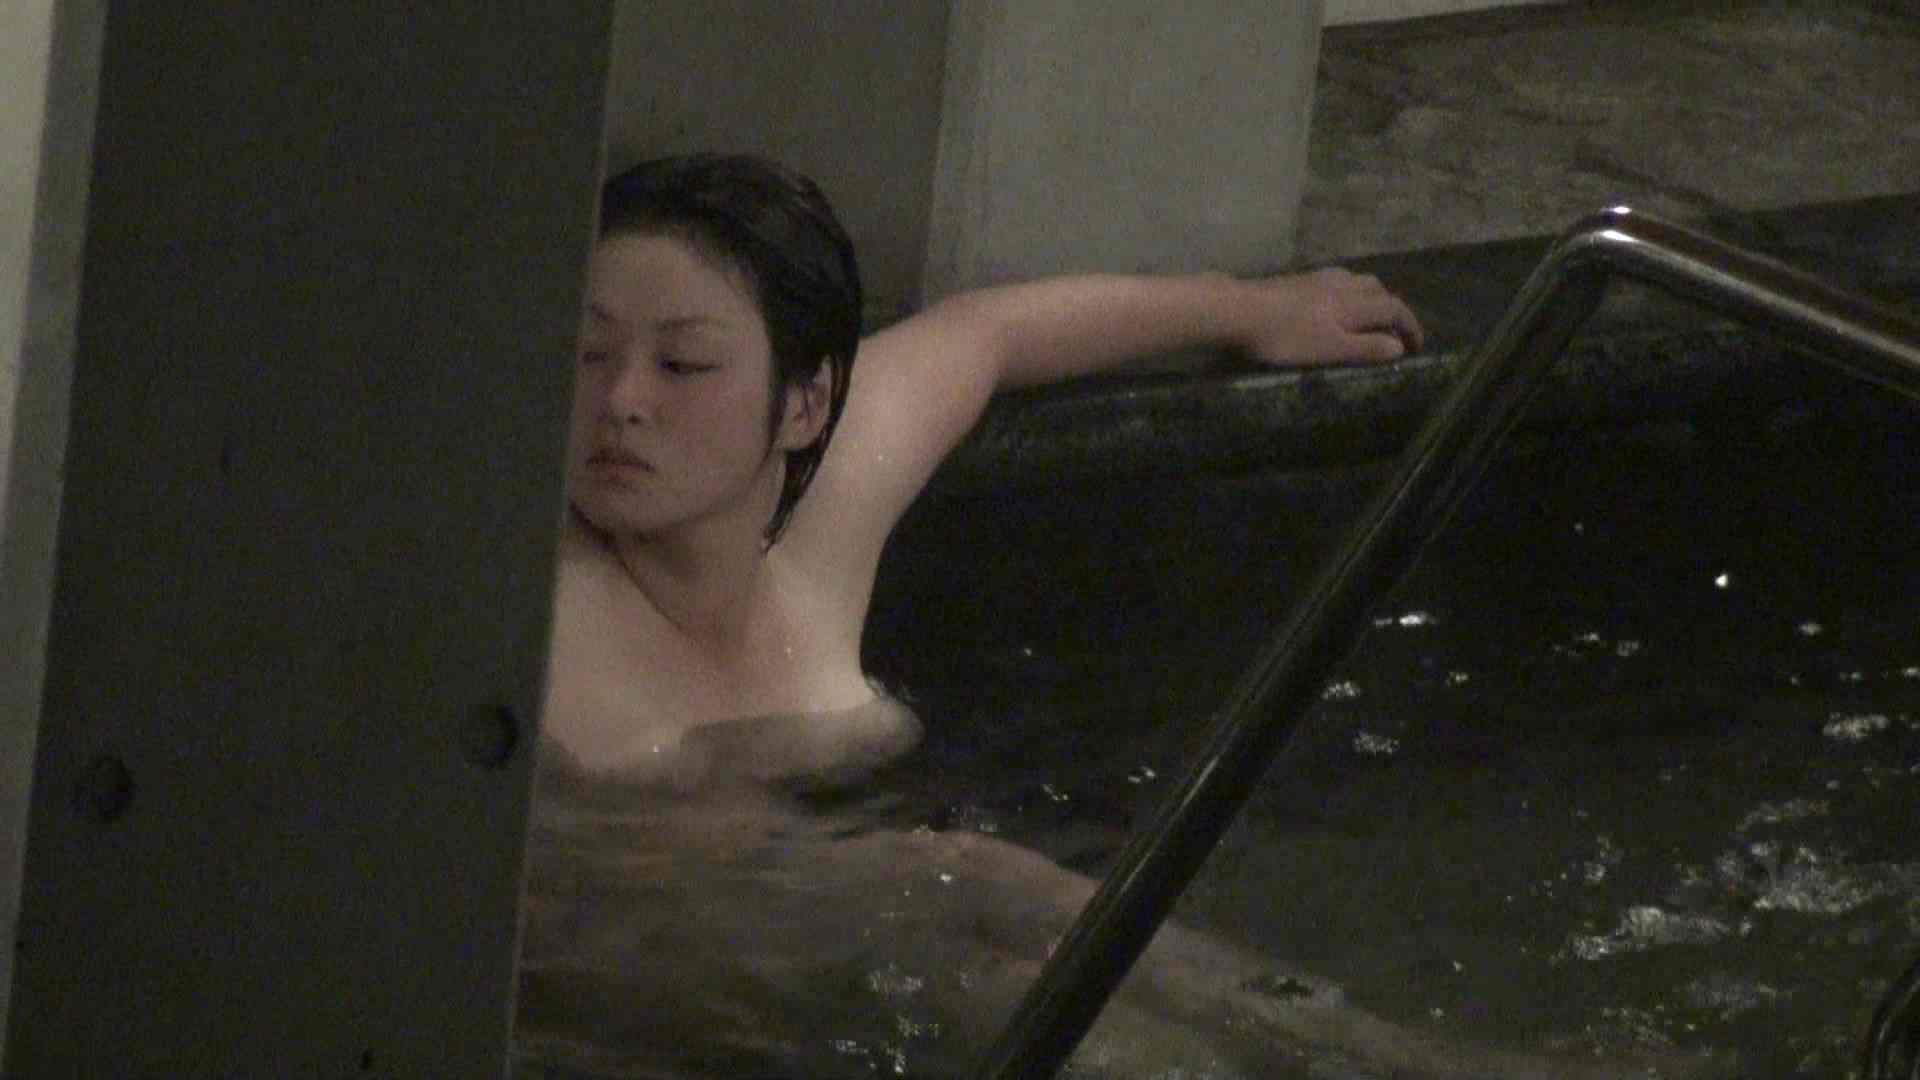 Aquaな露天風呂Vol.338 0   0  101pic 56